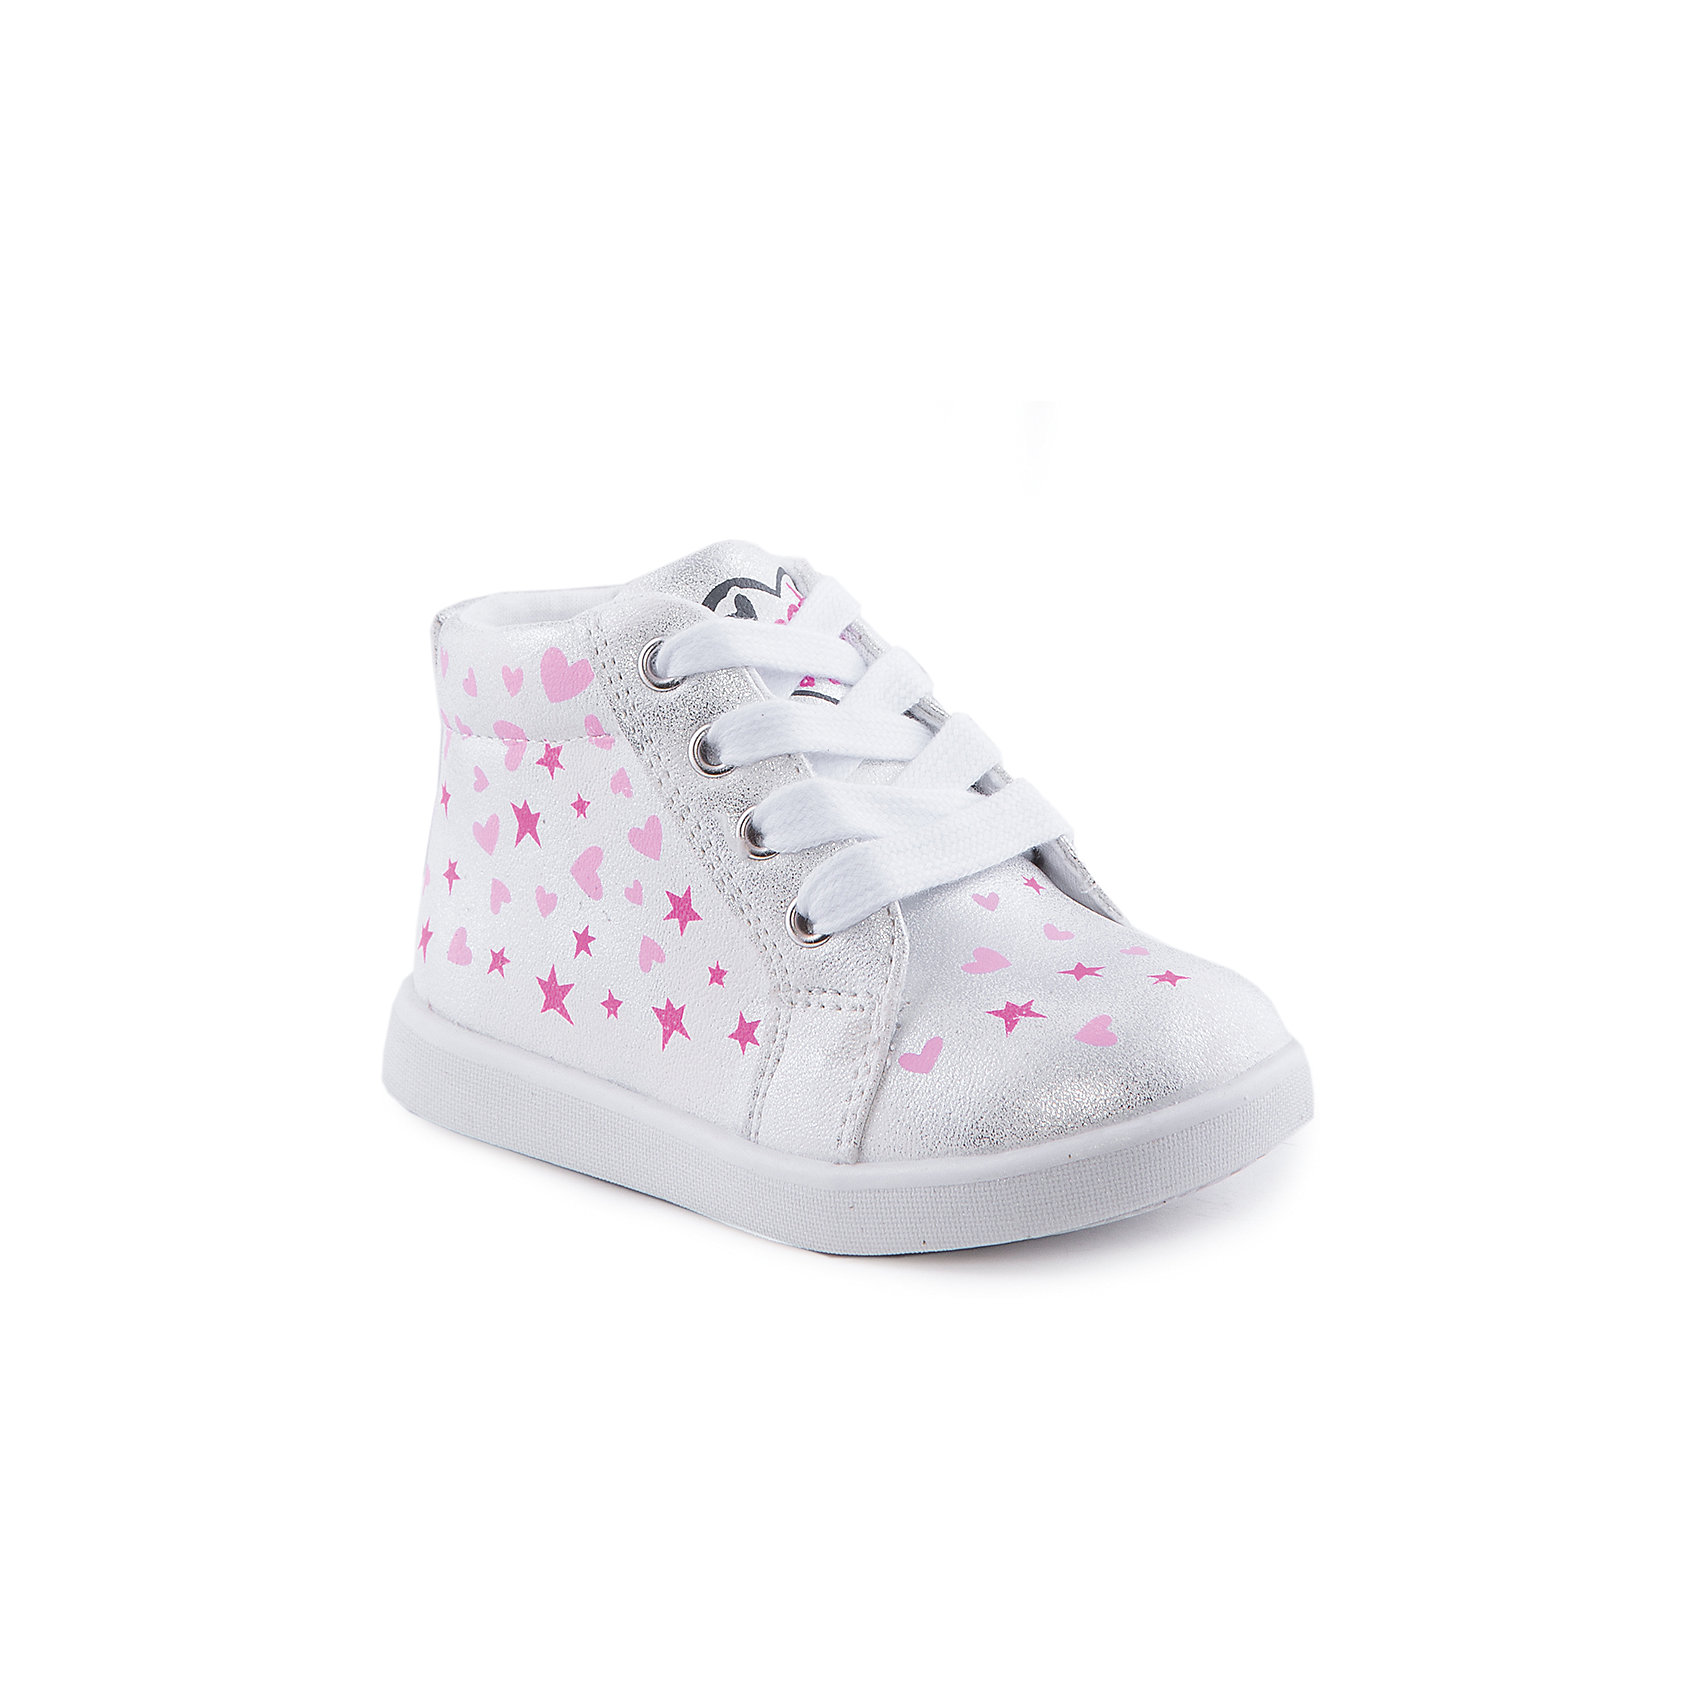 Ботинки для девочки Indigo kidsБотинки для девочки от известного бренда Indigo kids<br><br>Очень красивые нарядные ботинки могут быть и очень удобными! Яркий цвет делает эту модель стильной и привлекающей внимание. Ботинки легко надеваются благодаря шнуровке и молнии и комфортно садятся по ноге. <br><br>Особенности модели:<br><br>- цвет - белый, блестящие;<br>- стильный дизайн;<br>- удобная колодка;<br>- текстильная подкладка;<br>- украшены принтом из сердечек и звездочек;<br>- устойчивая подошва;<br>- контрастные шнурки;<br>- застежки: шнуровка, молния.<br><br>Дополнительная информация:<br><br>Температурный режим:<br>от +5° С до +20° С<br><br>Состав:<br><br>верх – искусственная кожа;<br>подкладка - текстиль;<br>подошва - ТЭП.<br><br>Ботинки для девочки Indigo kids (Индиго Кидс) можно купить в нашем магазине.<br><br>Ширина мм: 262<br>Глубина мм: 176<br>Высота мм: 97<br>Вес г: 427<br>Цвет: белый<br>Возраст от месяцев: 12<br>Возраст до месяцев: 15<br>Пол: Женский<br>Возраст: Детский<br>Размер: 21,26,23,25,24,22<br>SKU: 4519992